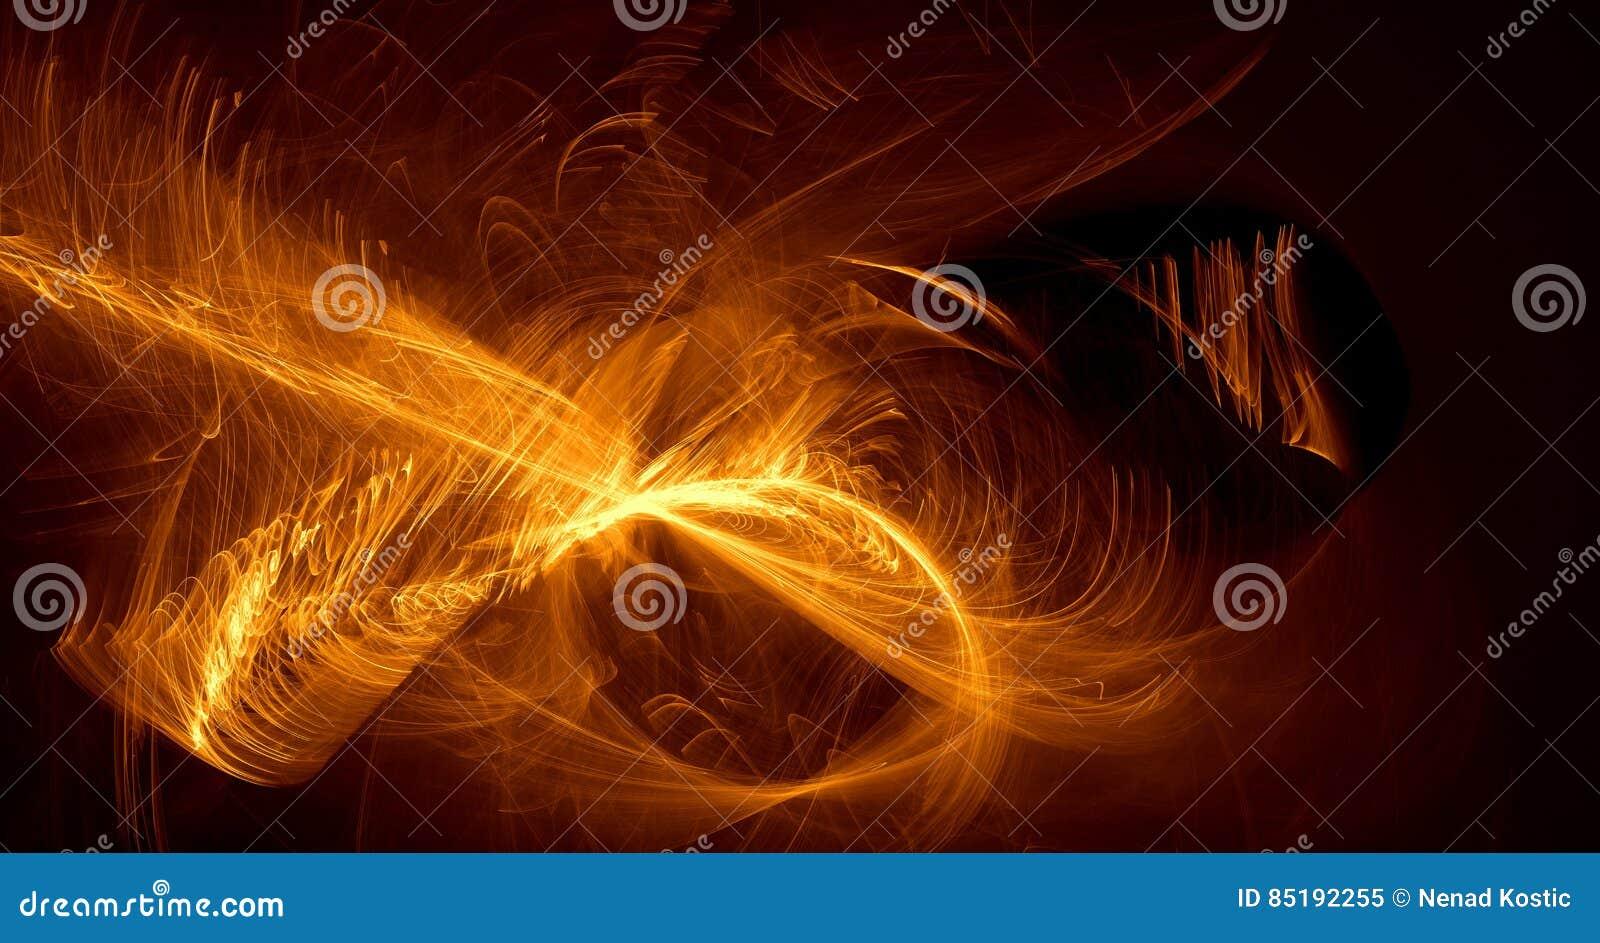 Абстрактный апельсин, желтый цвет, свет золота накаляет, лучи, формы на темной предпосылке